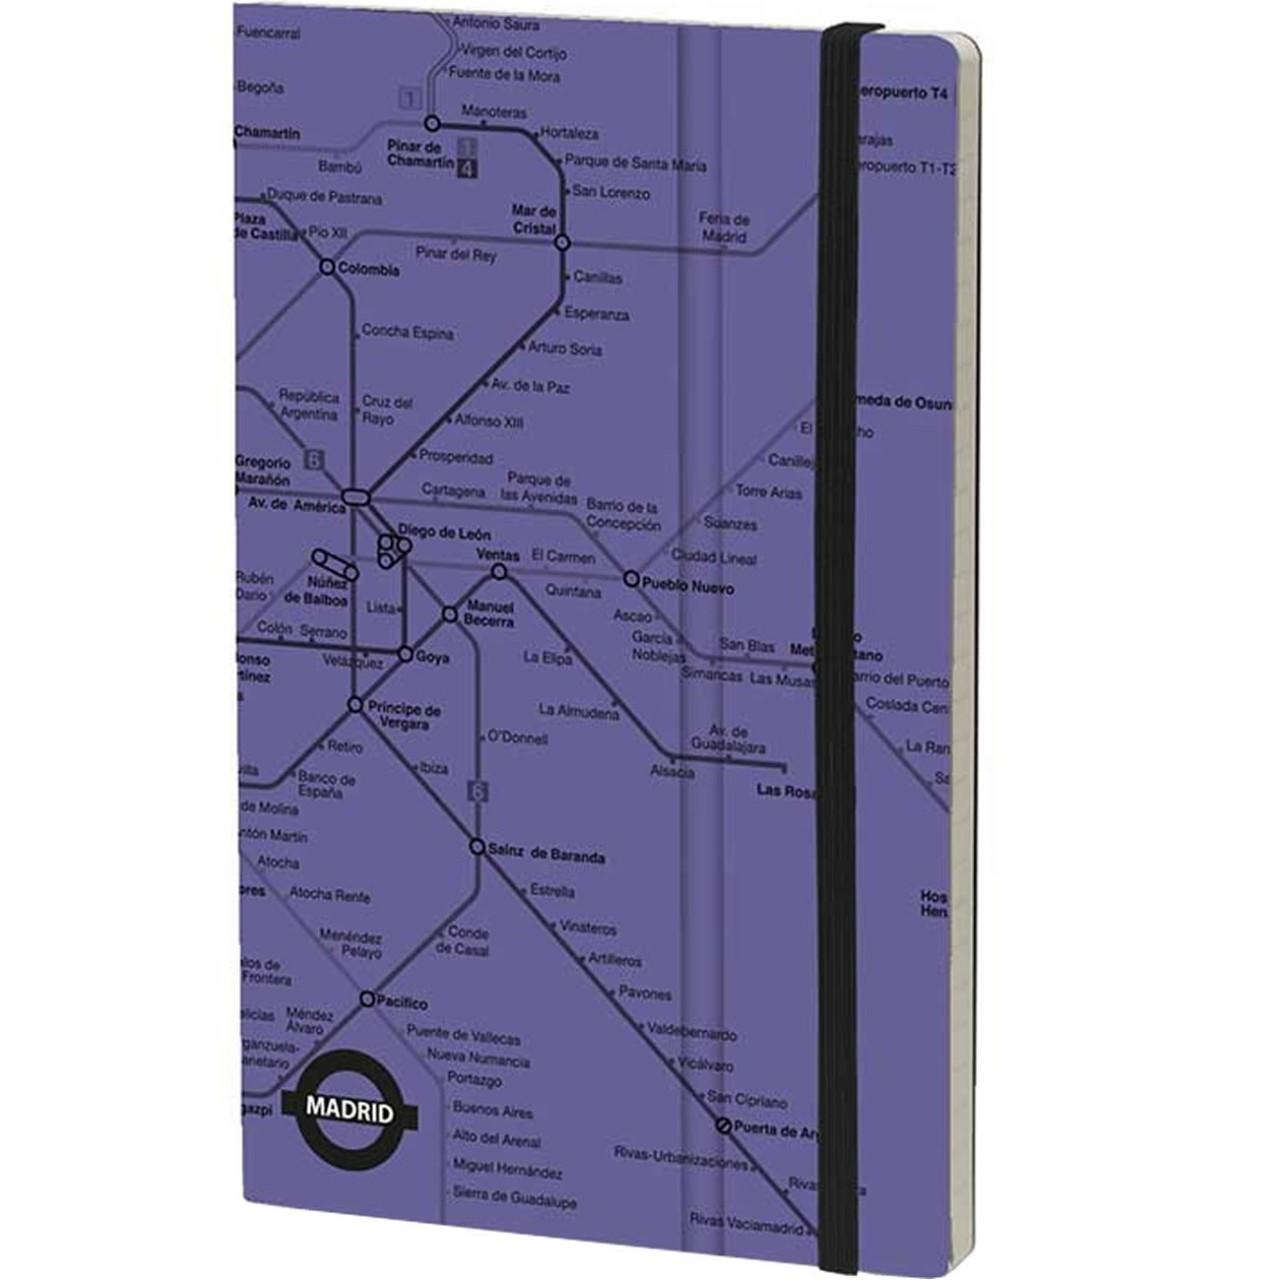 Stifflexible Notizbuch UNDERGROUND 9 x 14 cm 144 S., PURPLE (Madrid)